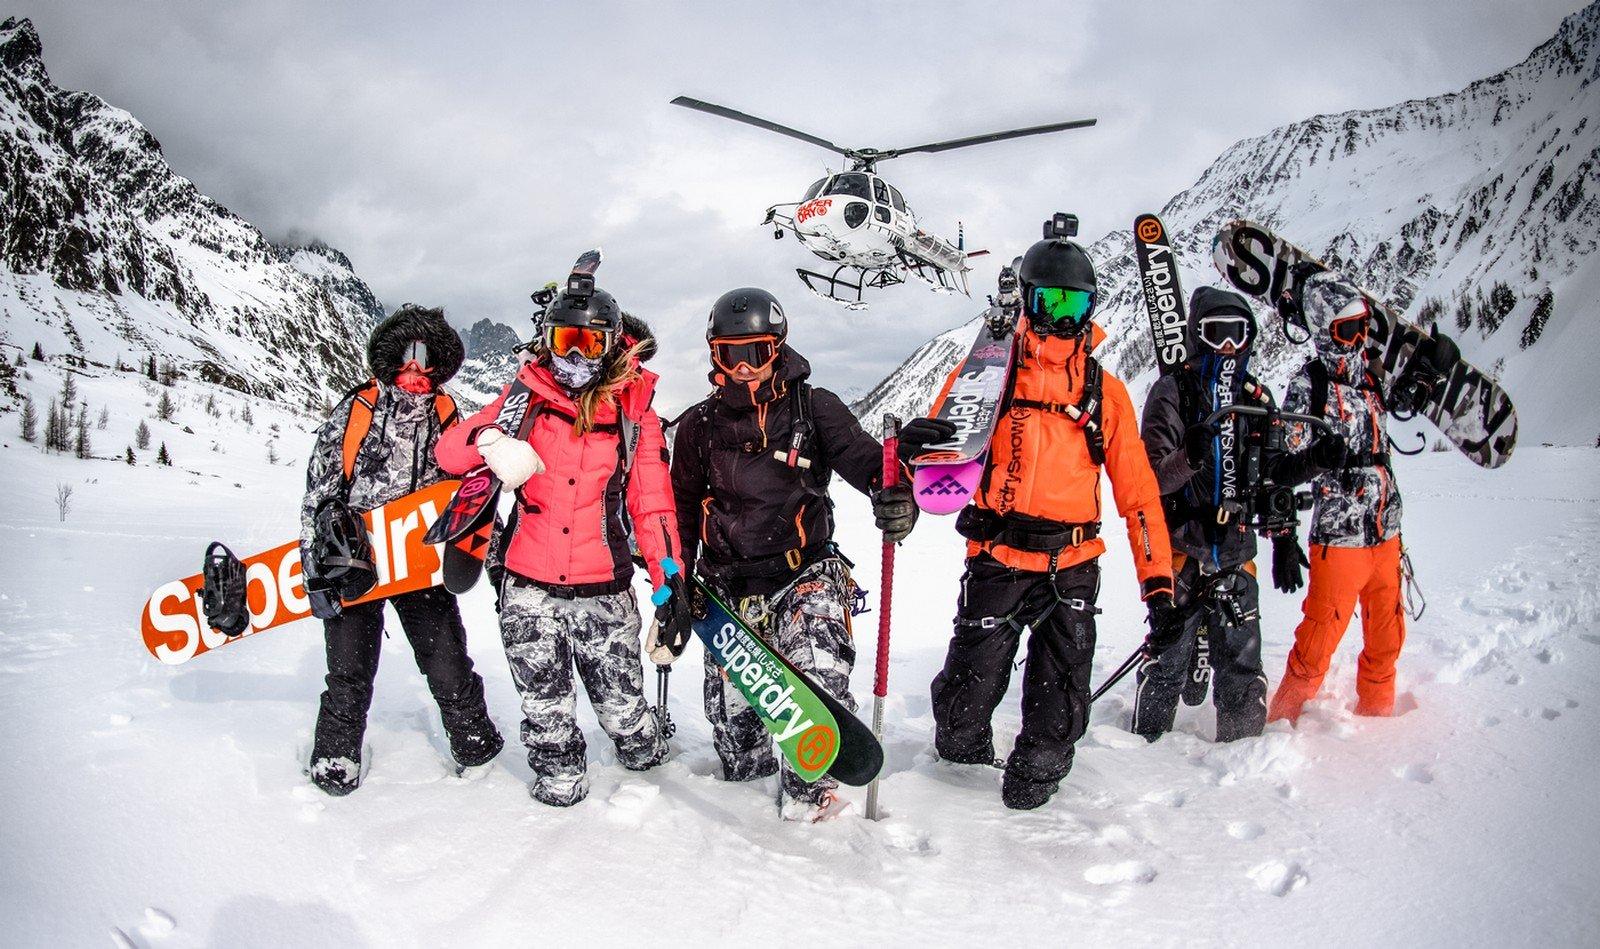 Ropa de esquí Superdry